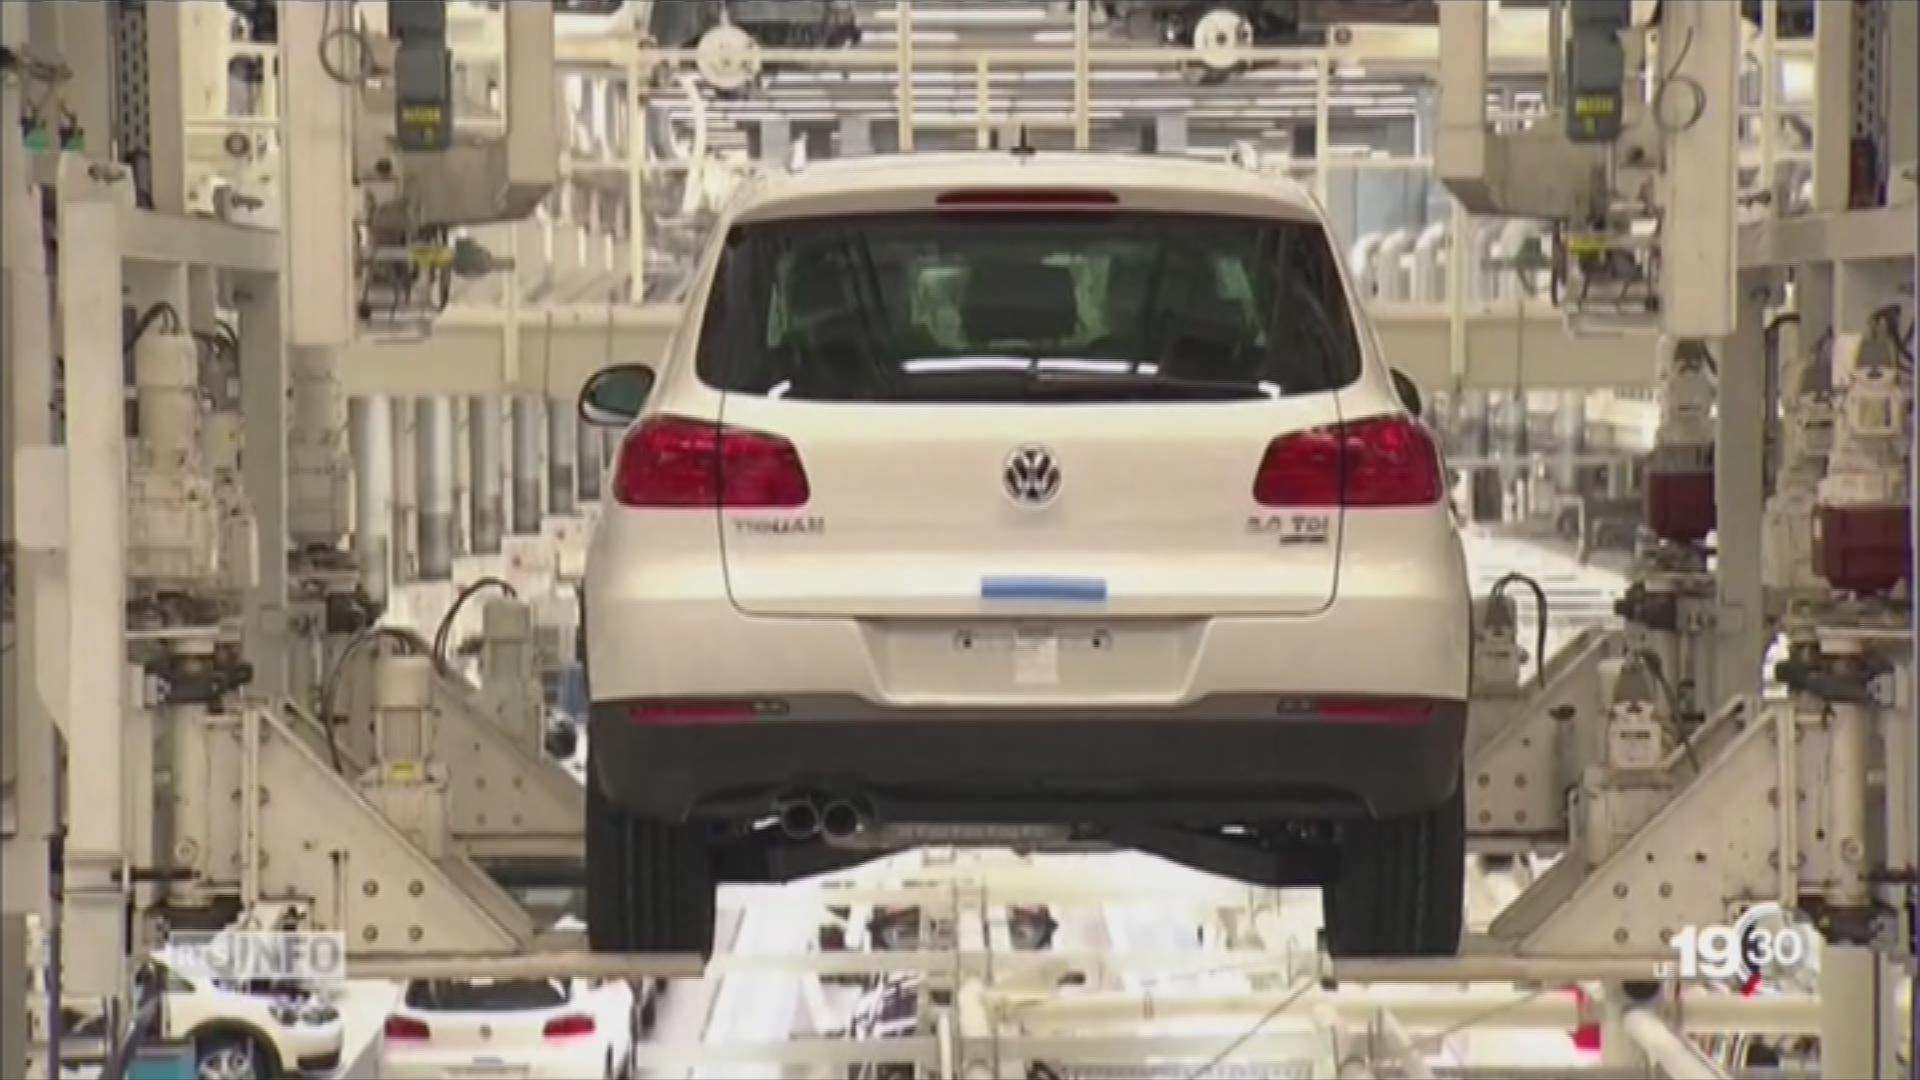 les constructeurs allemands vont modifier 5 millions de voitures diesel economie. Black Bedroom Furniture Sets. Home Design Ideas